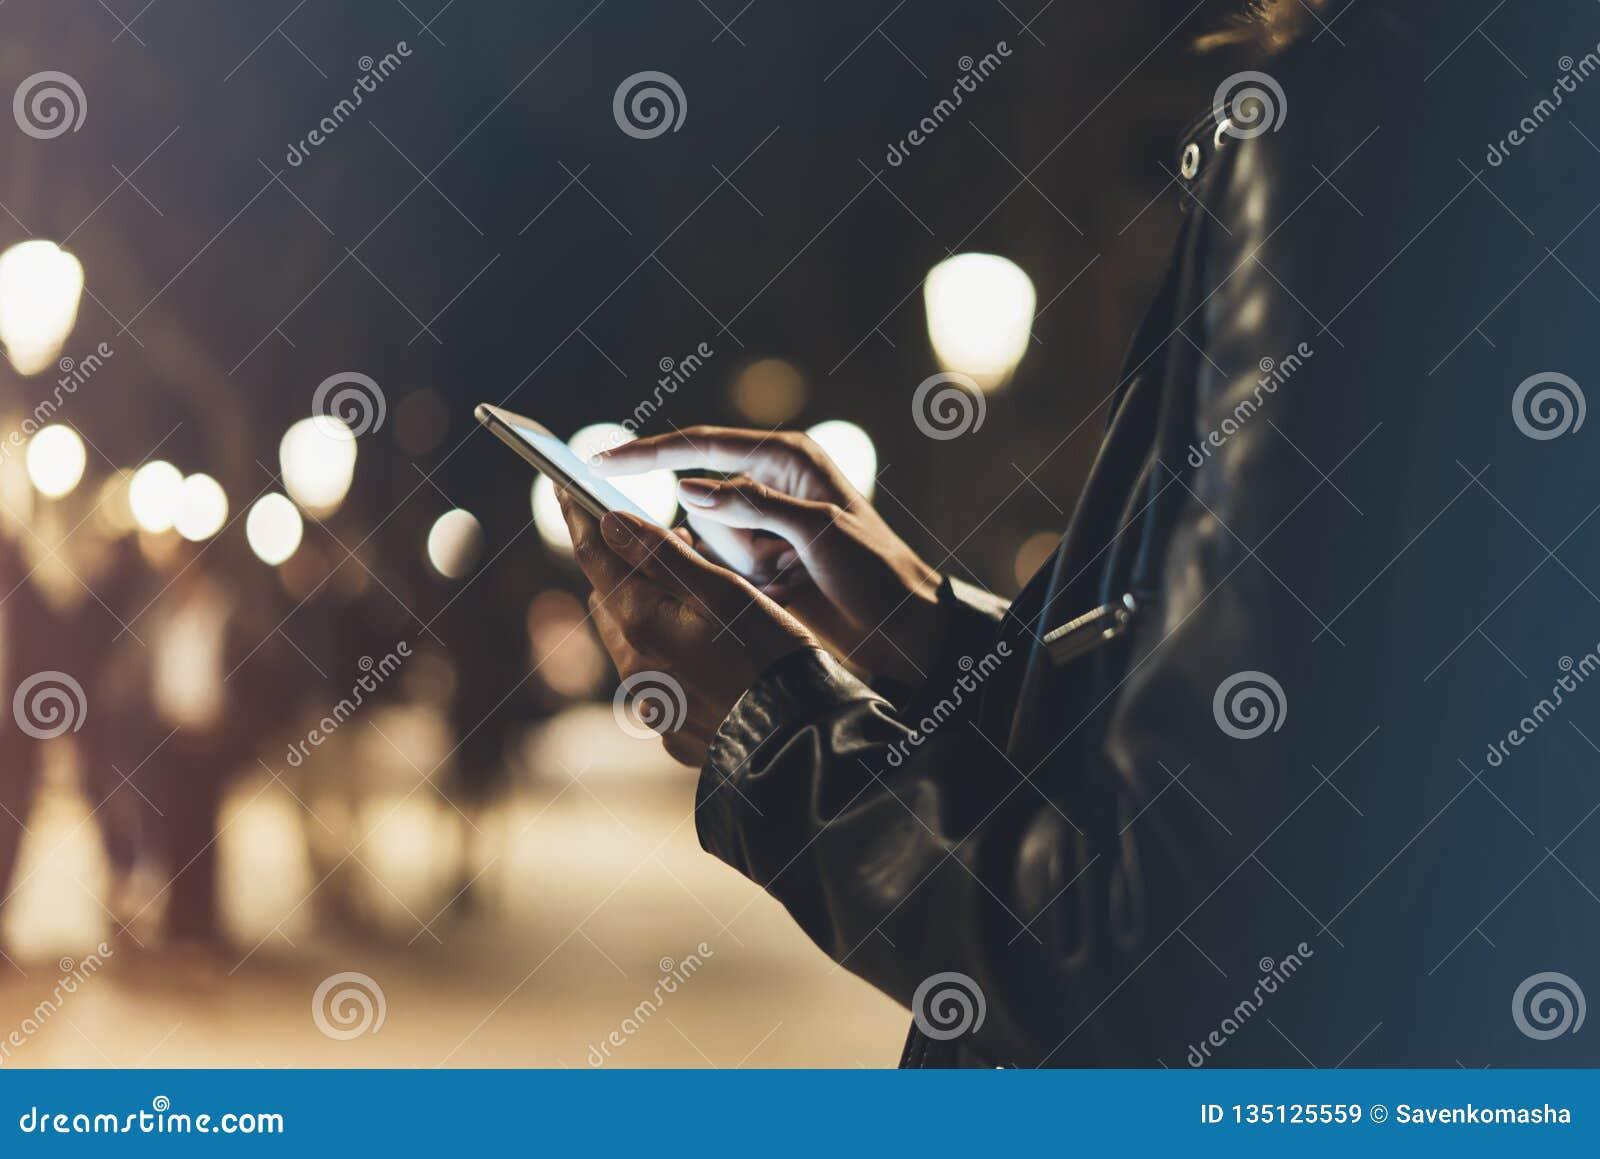 指向在屏幕智能手机的女孩手指在背景照明颜色光在夜大气城市,行家使用